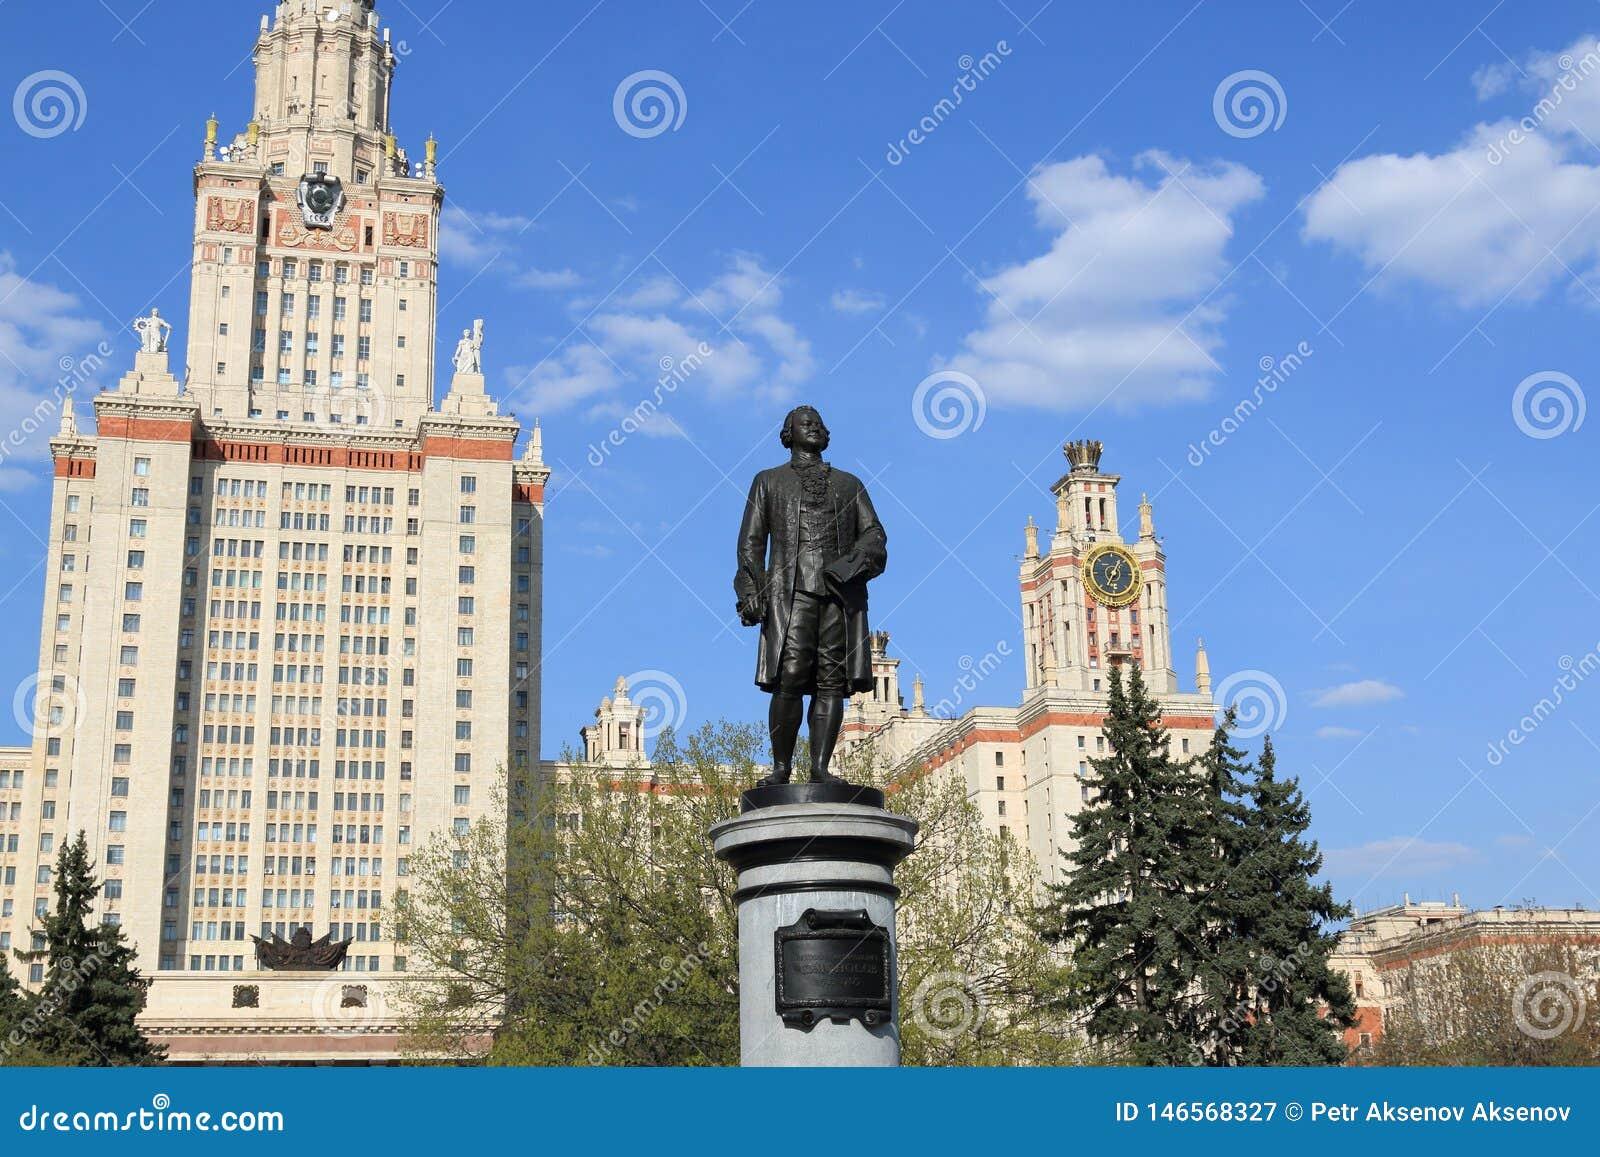 Moscou, Russie - 1er mai 2019 : Sculpture de Mikhail Vasilyevich Lomonosov dans la perspective de Moscou Universit? d ?tat